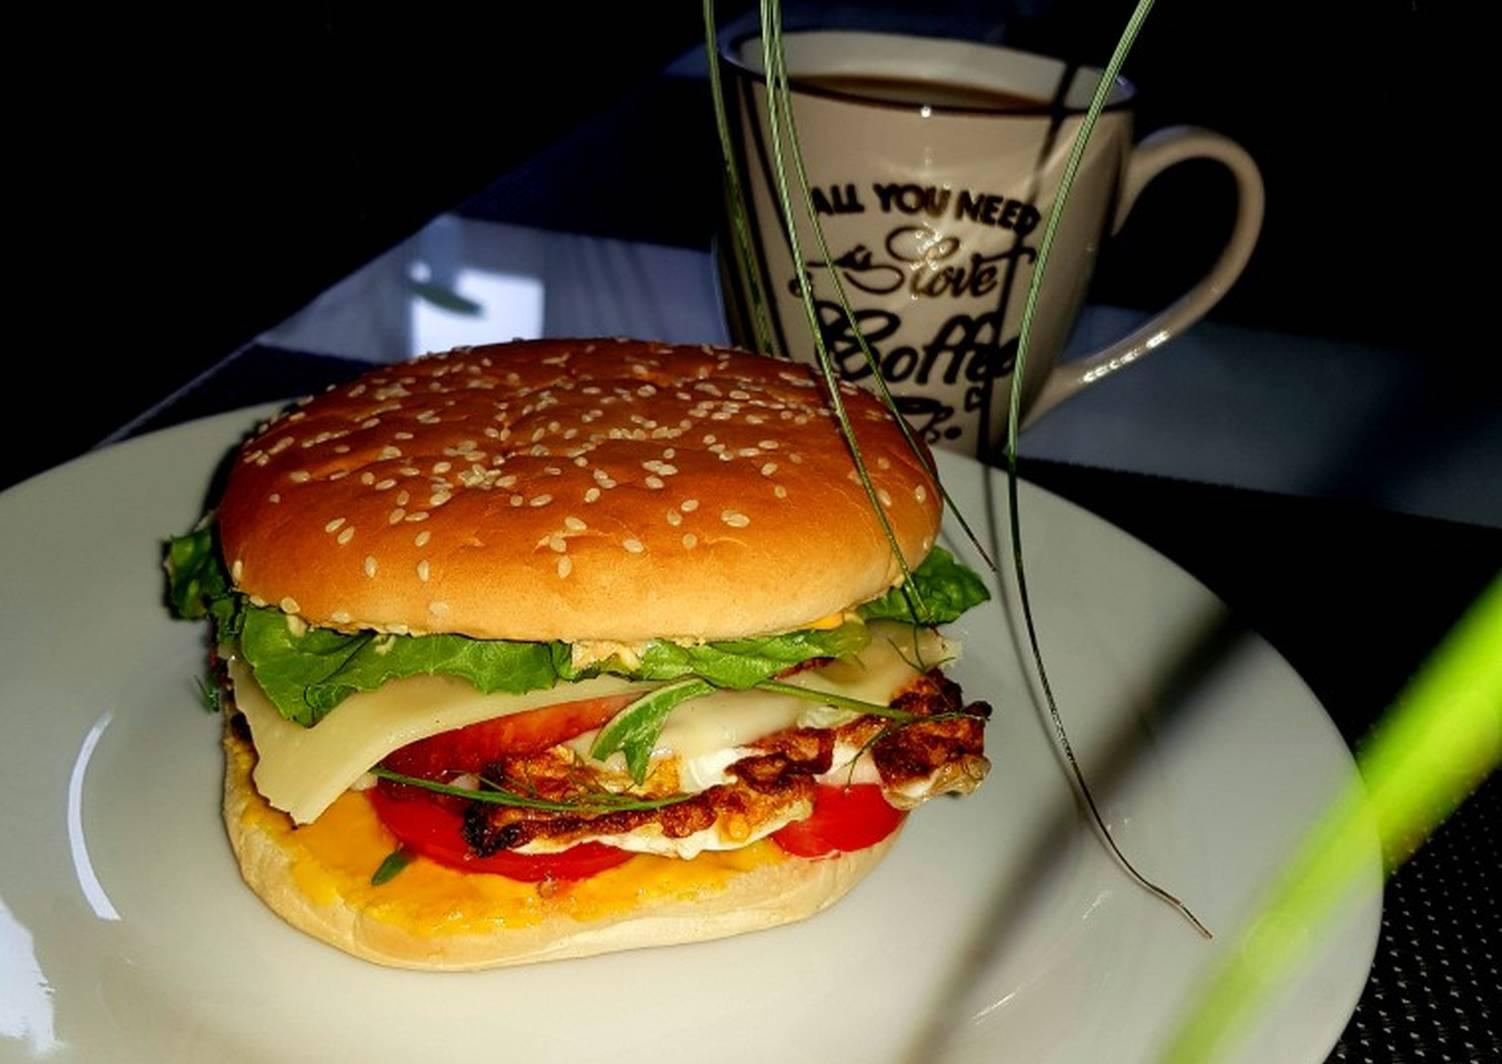 смоленскую государственную бургеры дома рецепт с фото просто утреннее приветствие